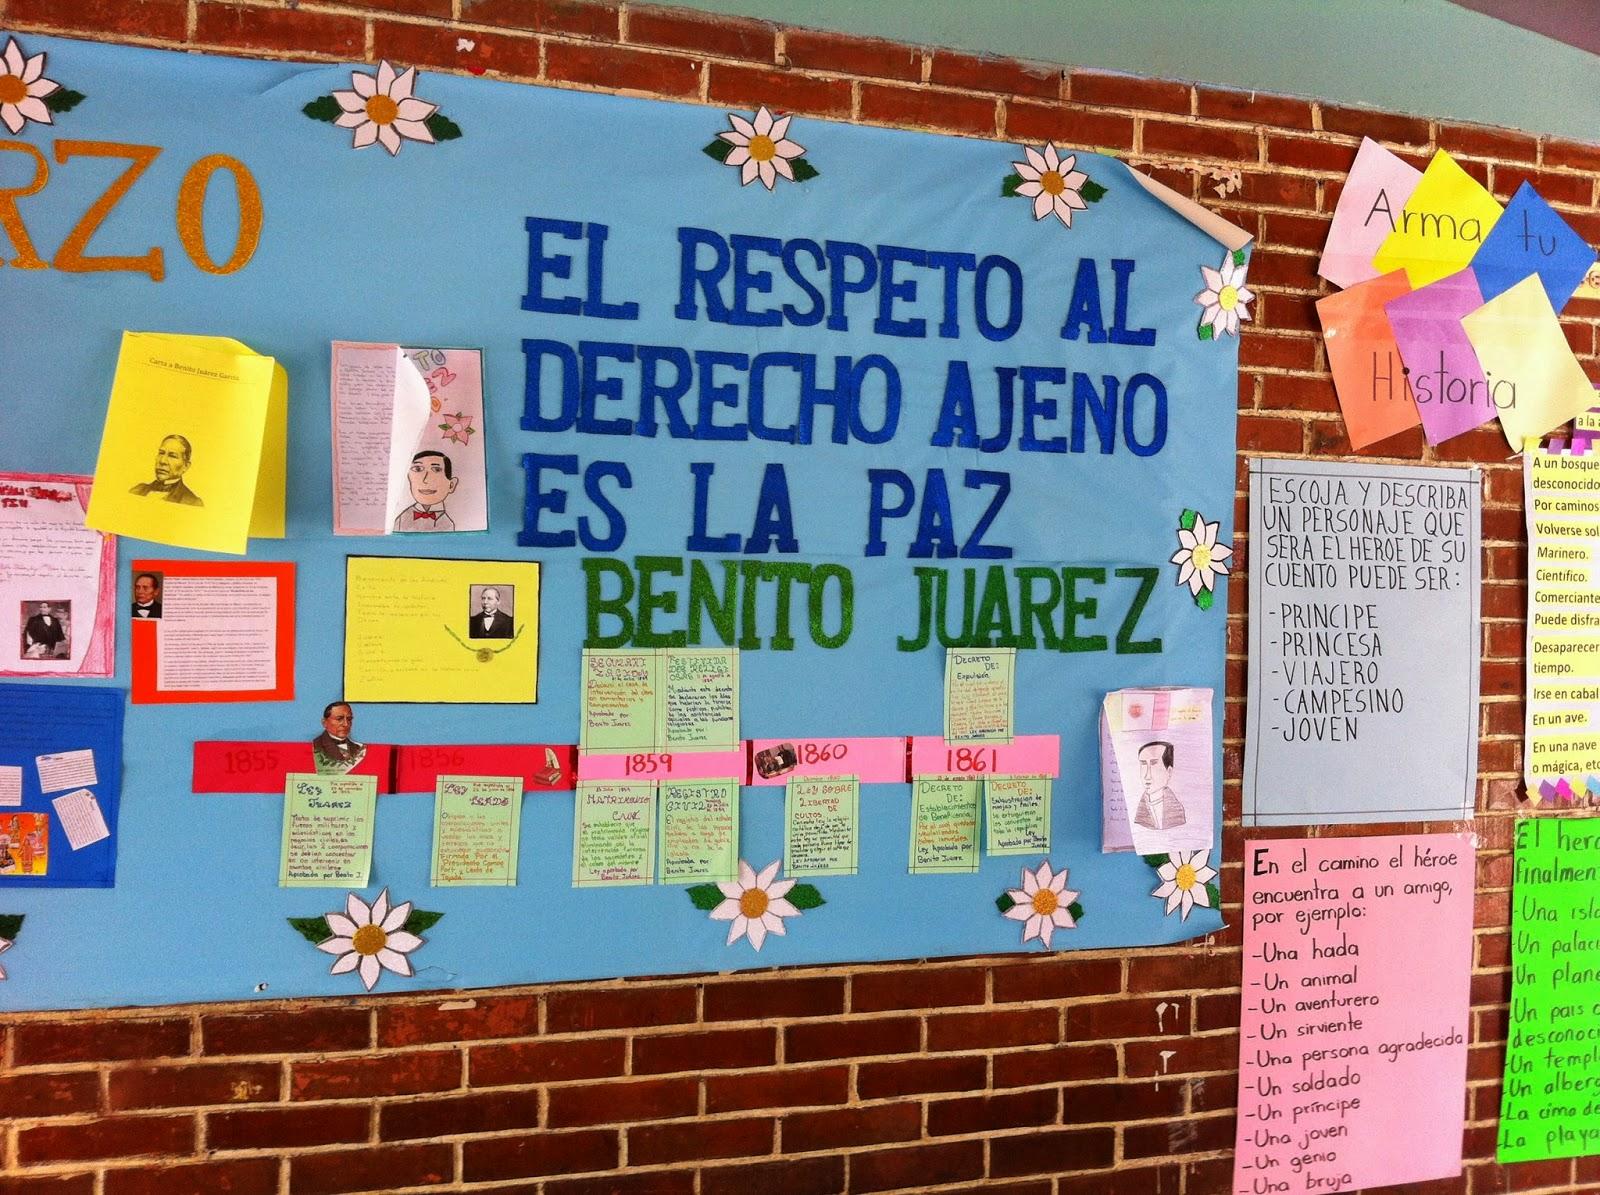 Periodico mural en el mes de junio for Deportes para el periodico mural